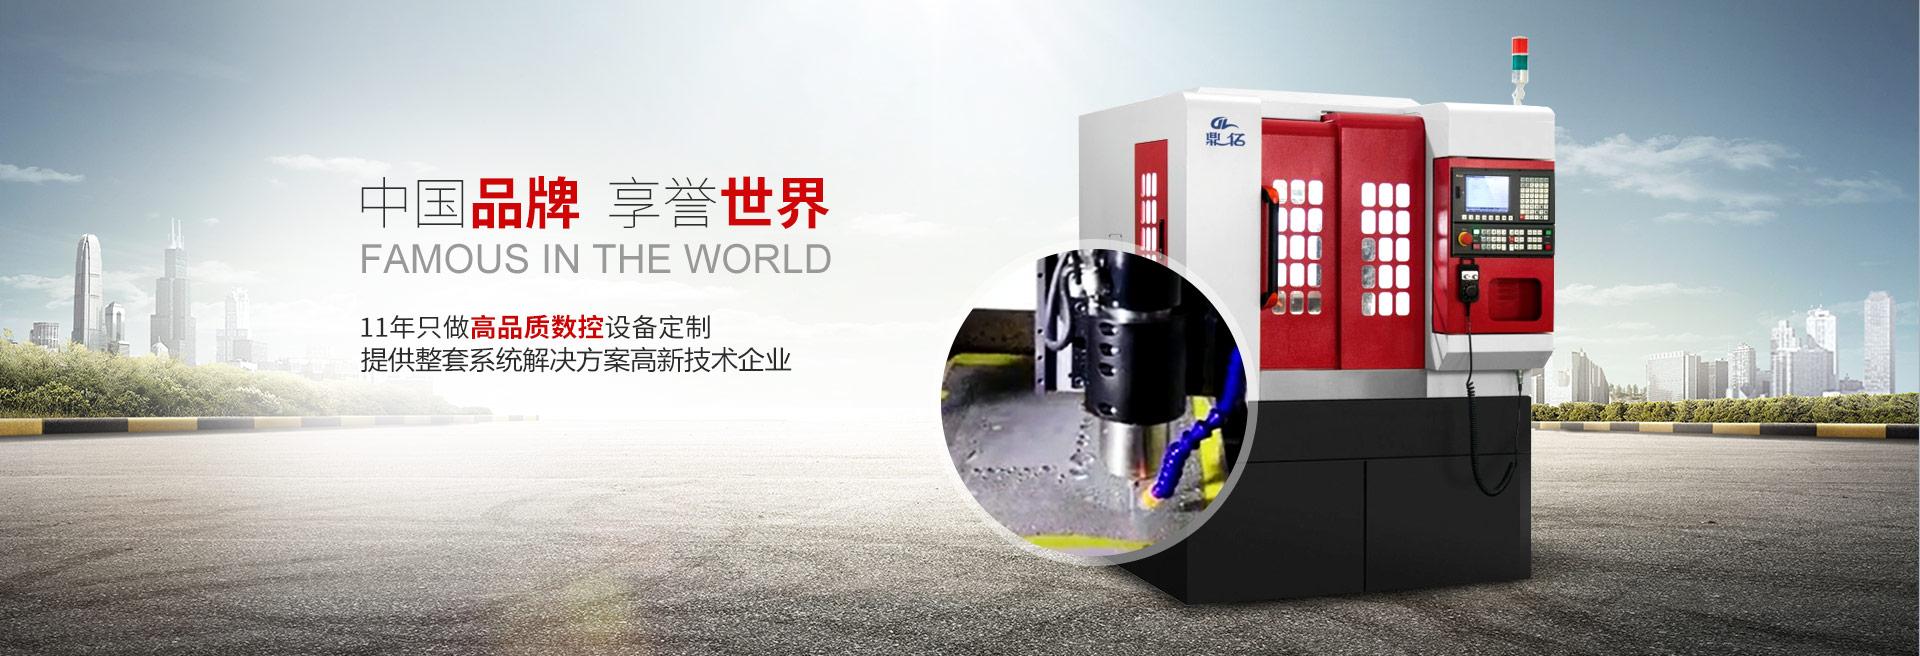 鼎拓数控-中国品牌,享誉世界